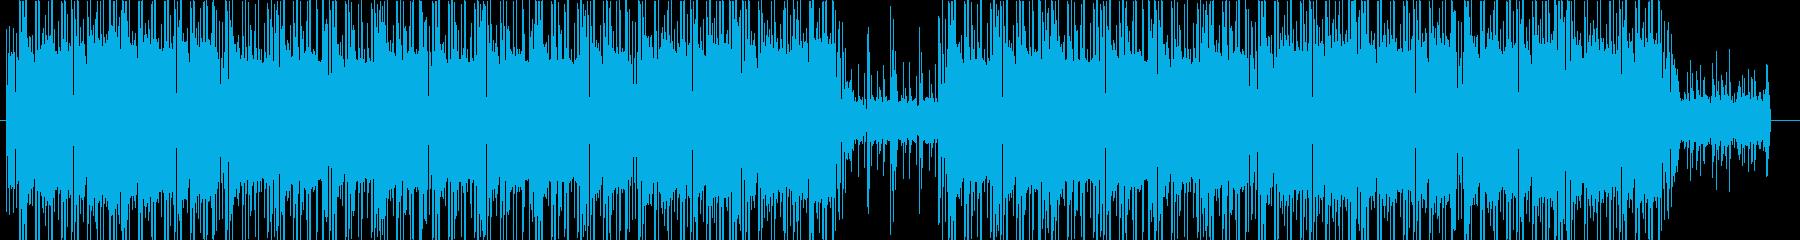 洋楽、90sヒップホップビート♫の再生済みの波形